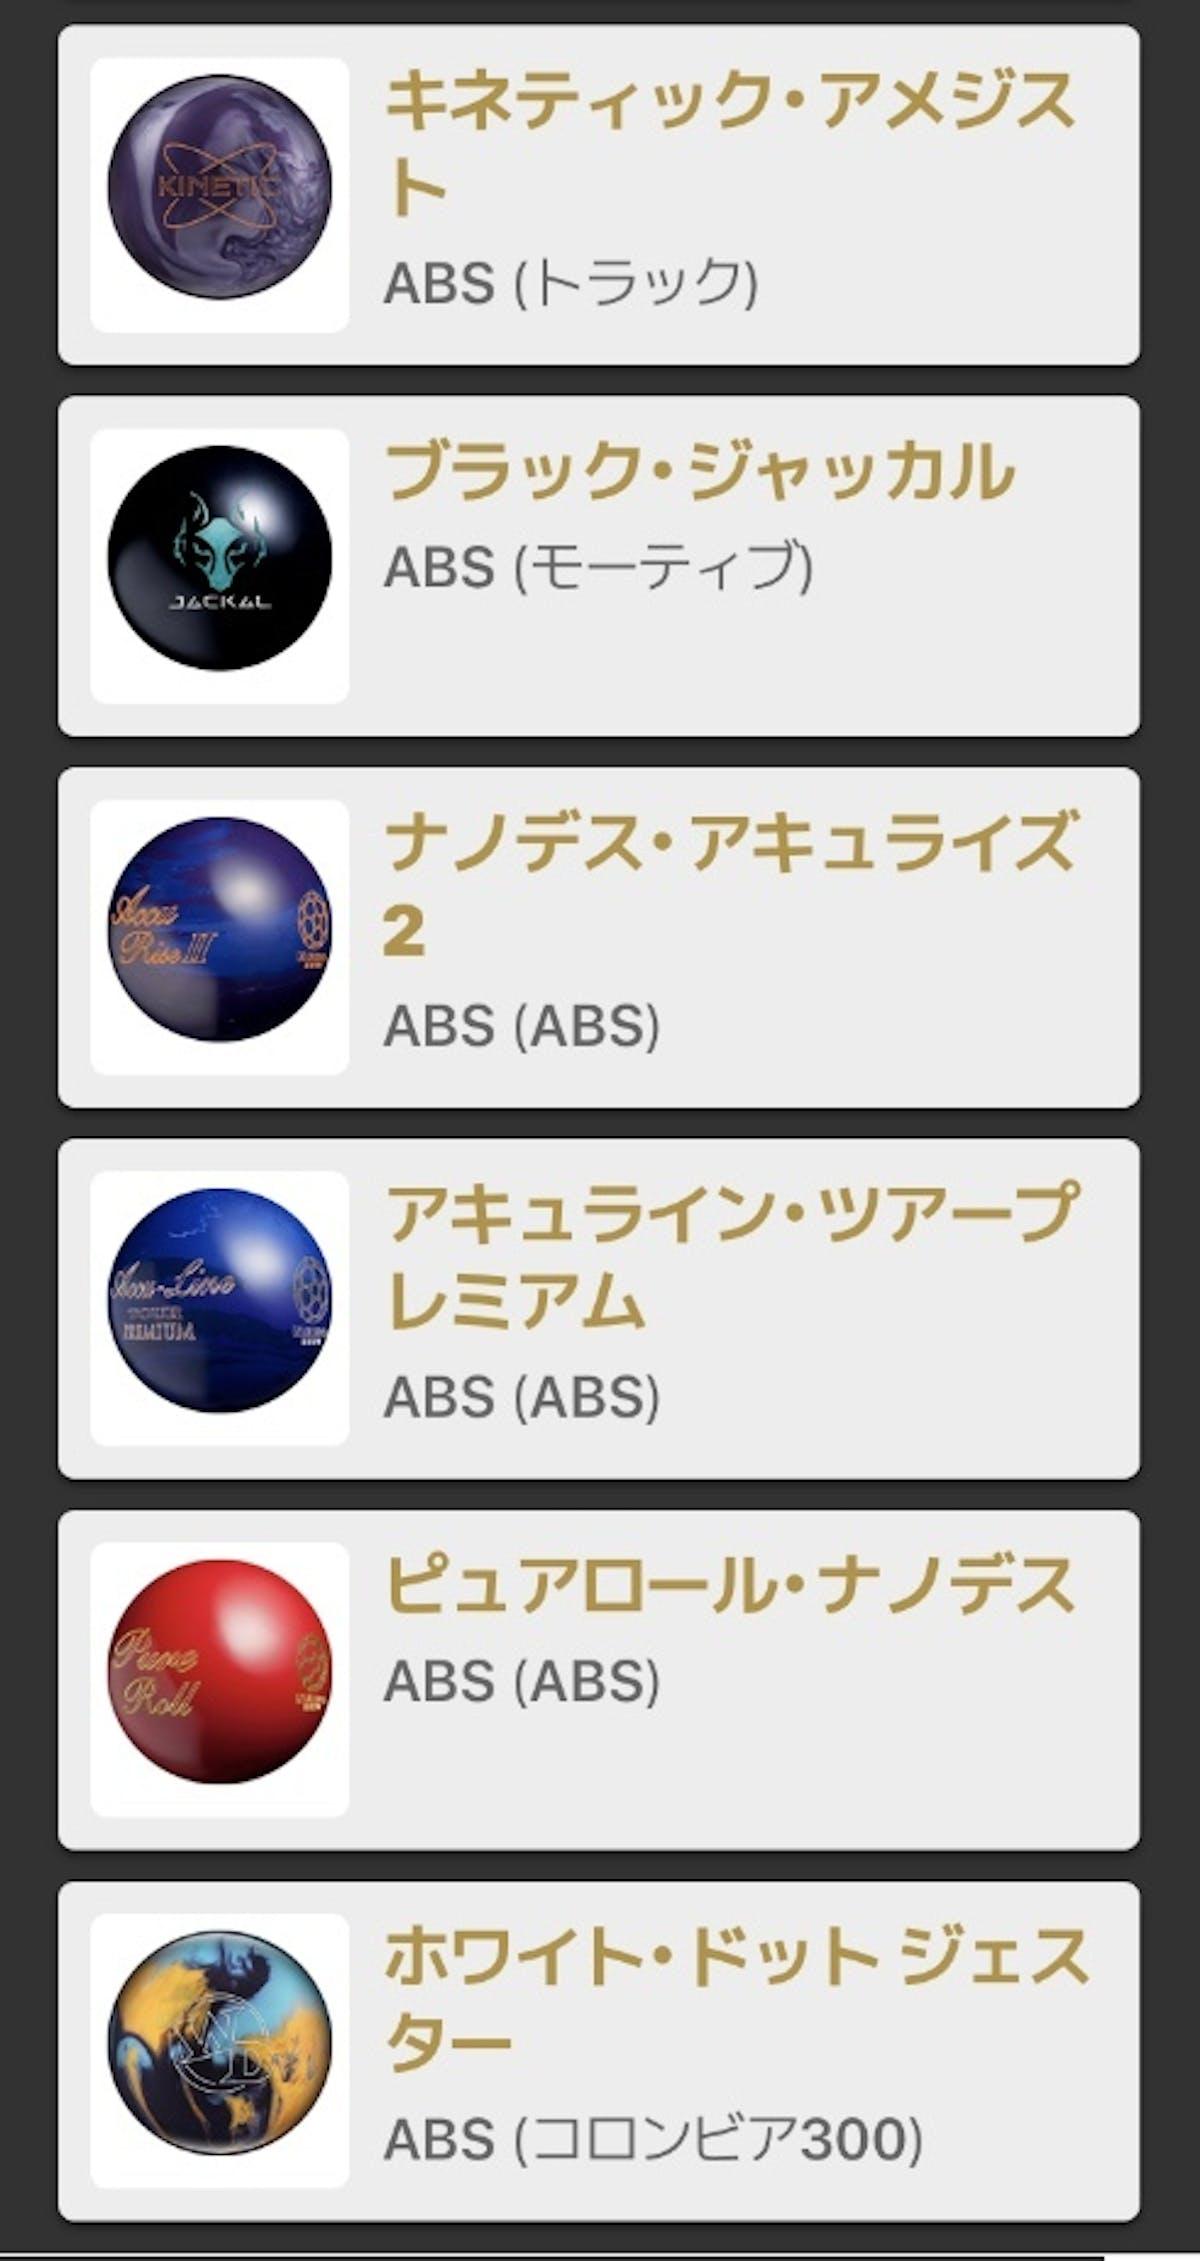 EC60EF64-985A-4F2C-B7F6-AADB729046F5.jpeg